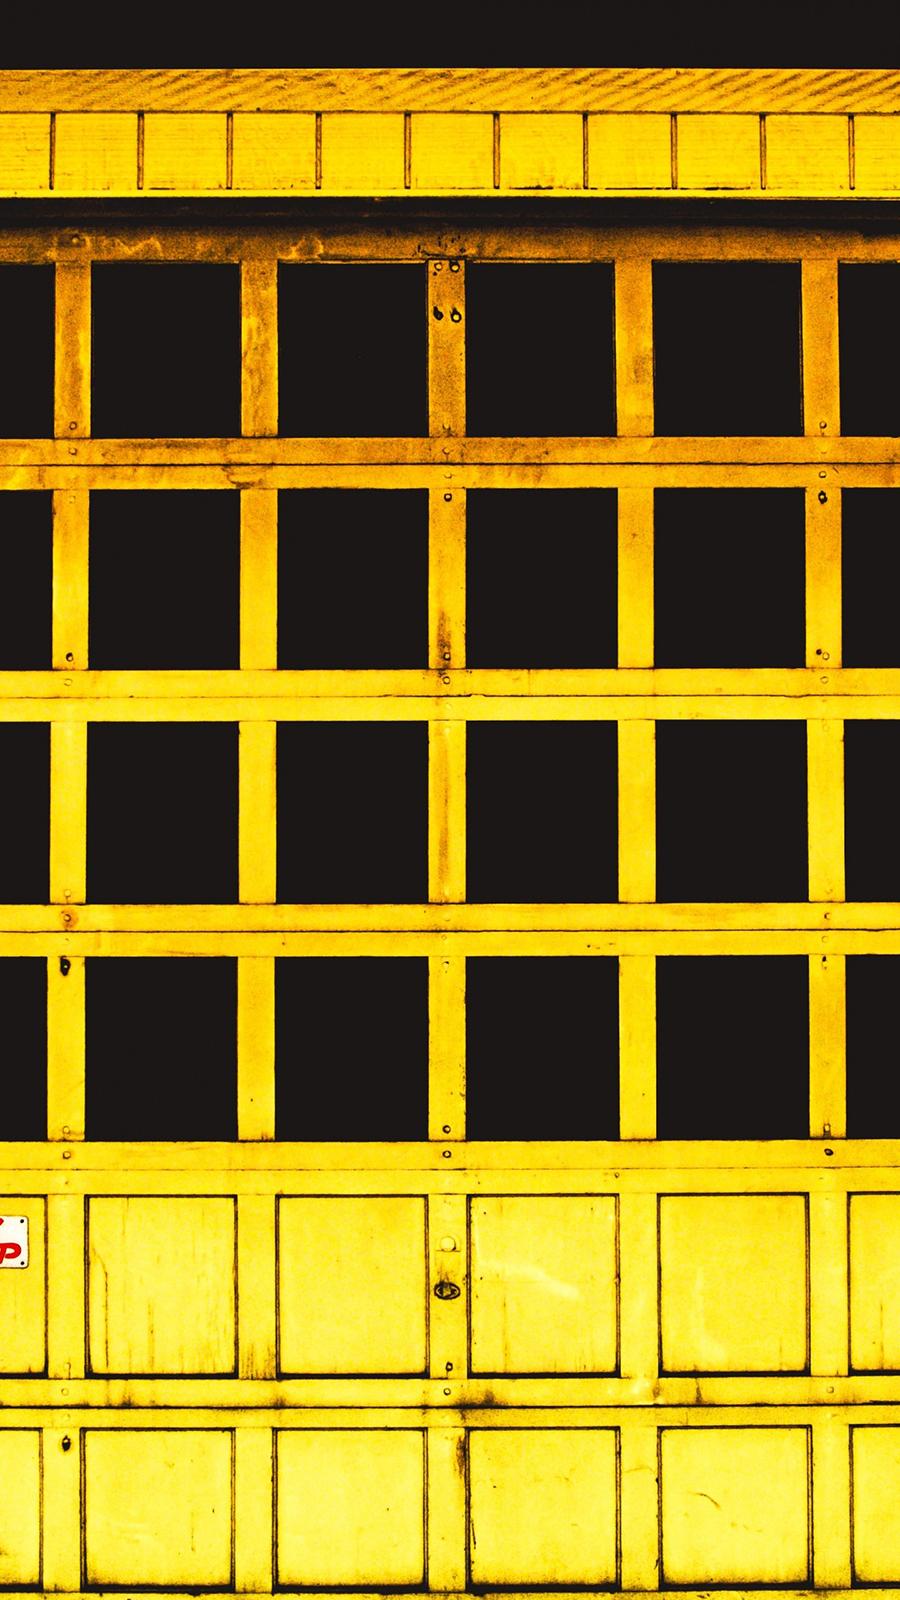 Door, Yellow, Window Free Wallpapers Download